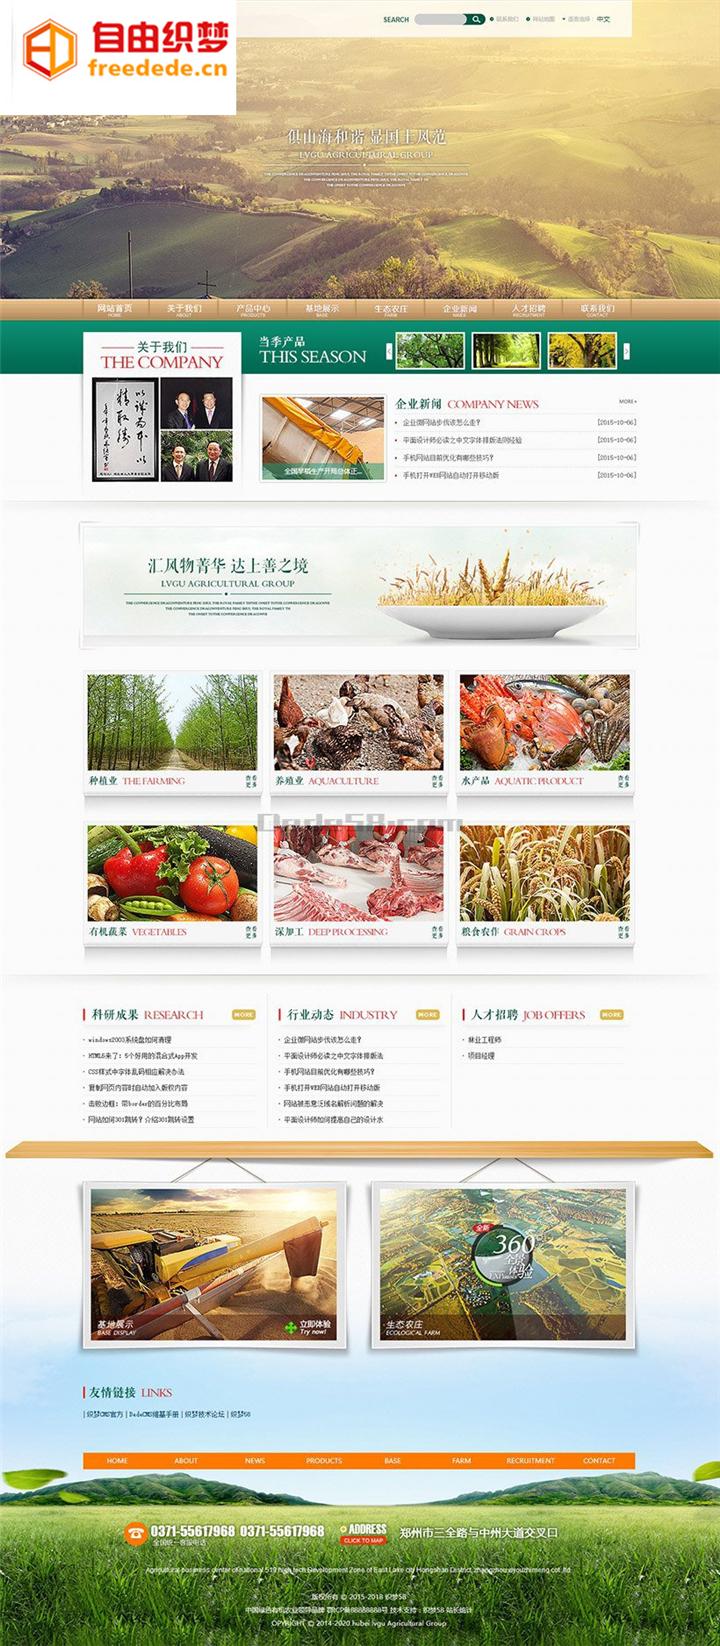 爱上源码网文章织梦绿色高端农业园林类行业整站模板营销型整站源码下载的内容插图